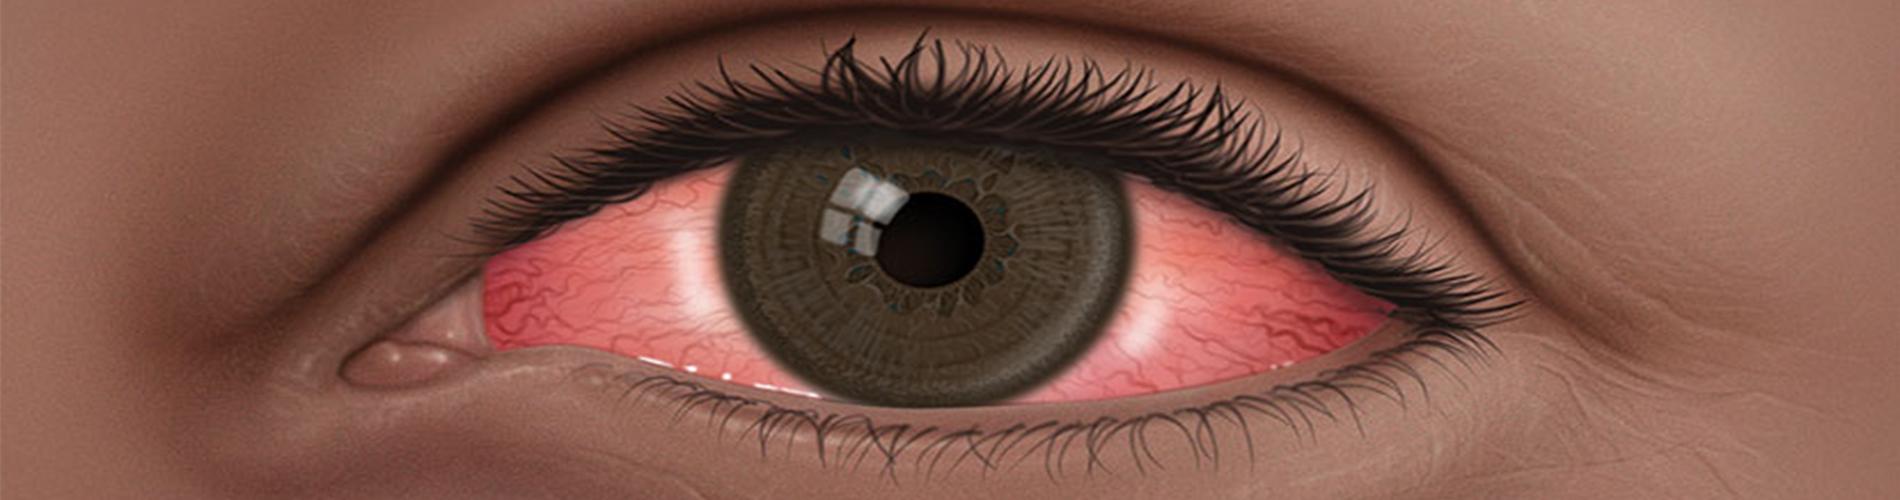 Dolor ojos